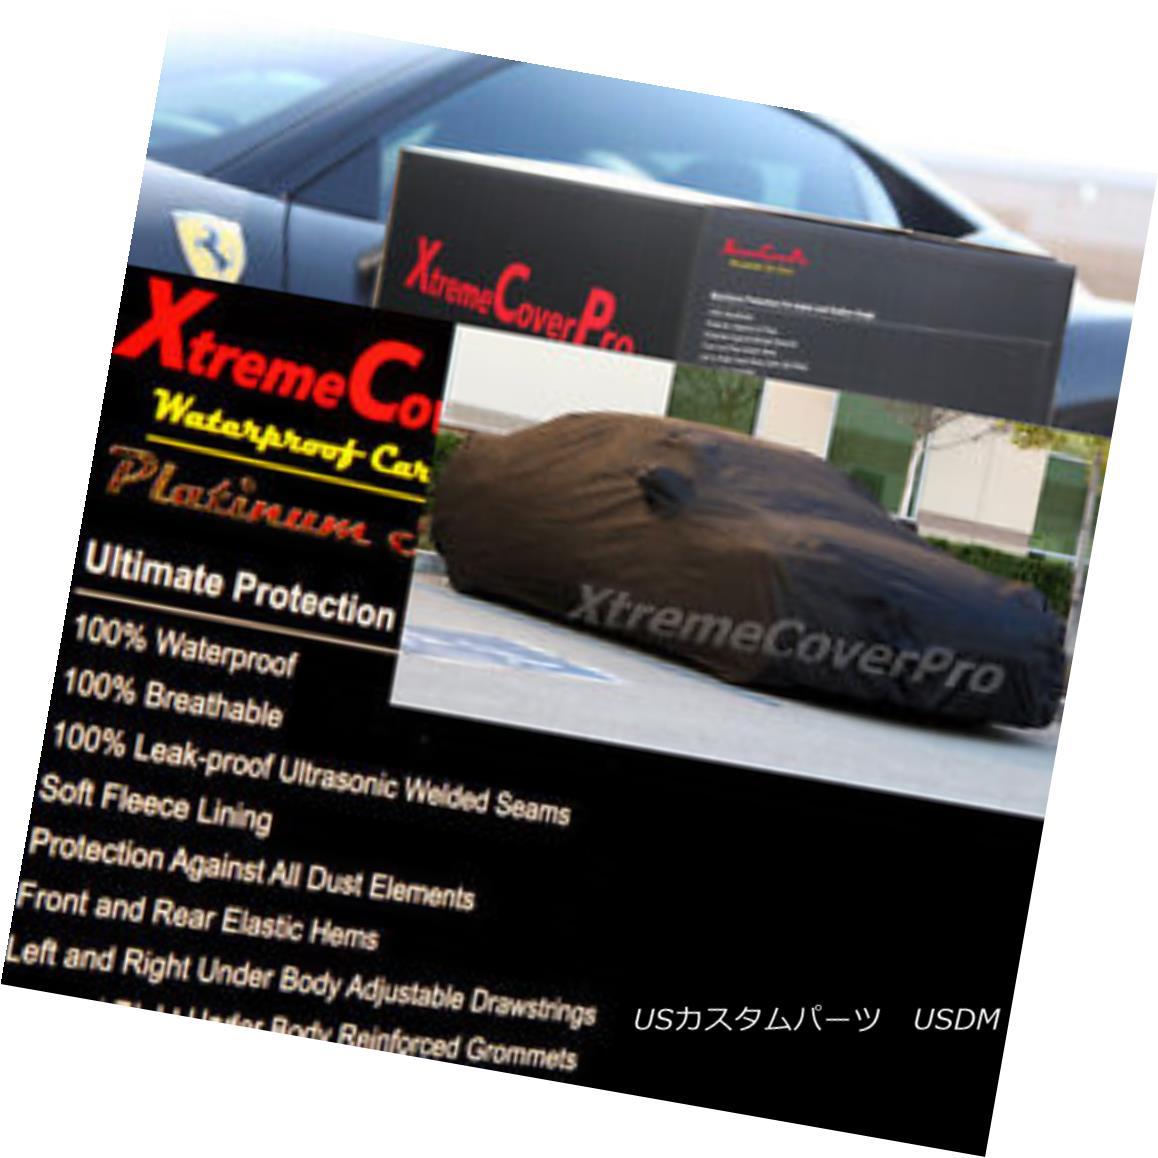 カーカバー 2002 2003 2004 2005 2006 2007 Suzuki Aerio Waterproof Car Cover w/MirrorPocket 2002年2003年2004年2005年2006年2007年スズキエアロ防水カーカバー付きMirrorPocket